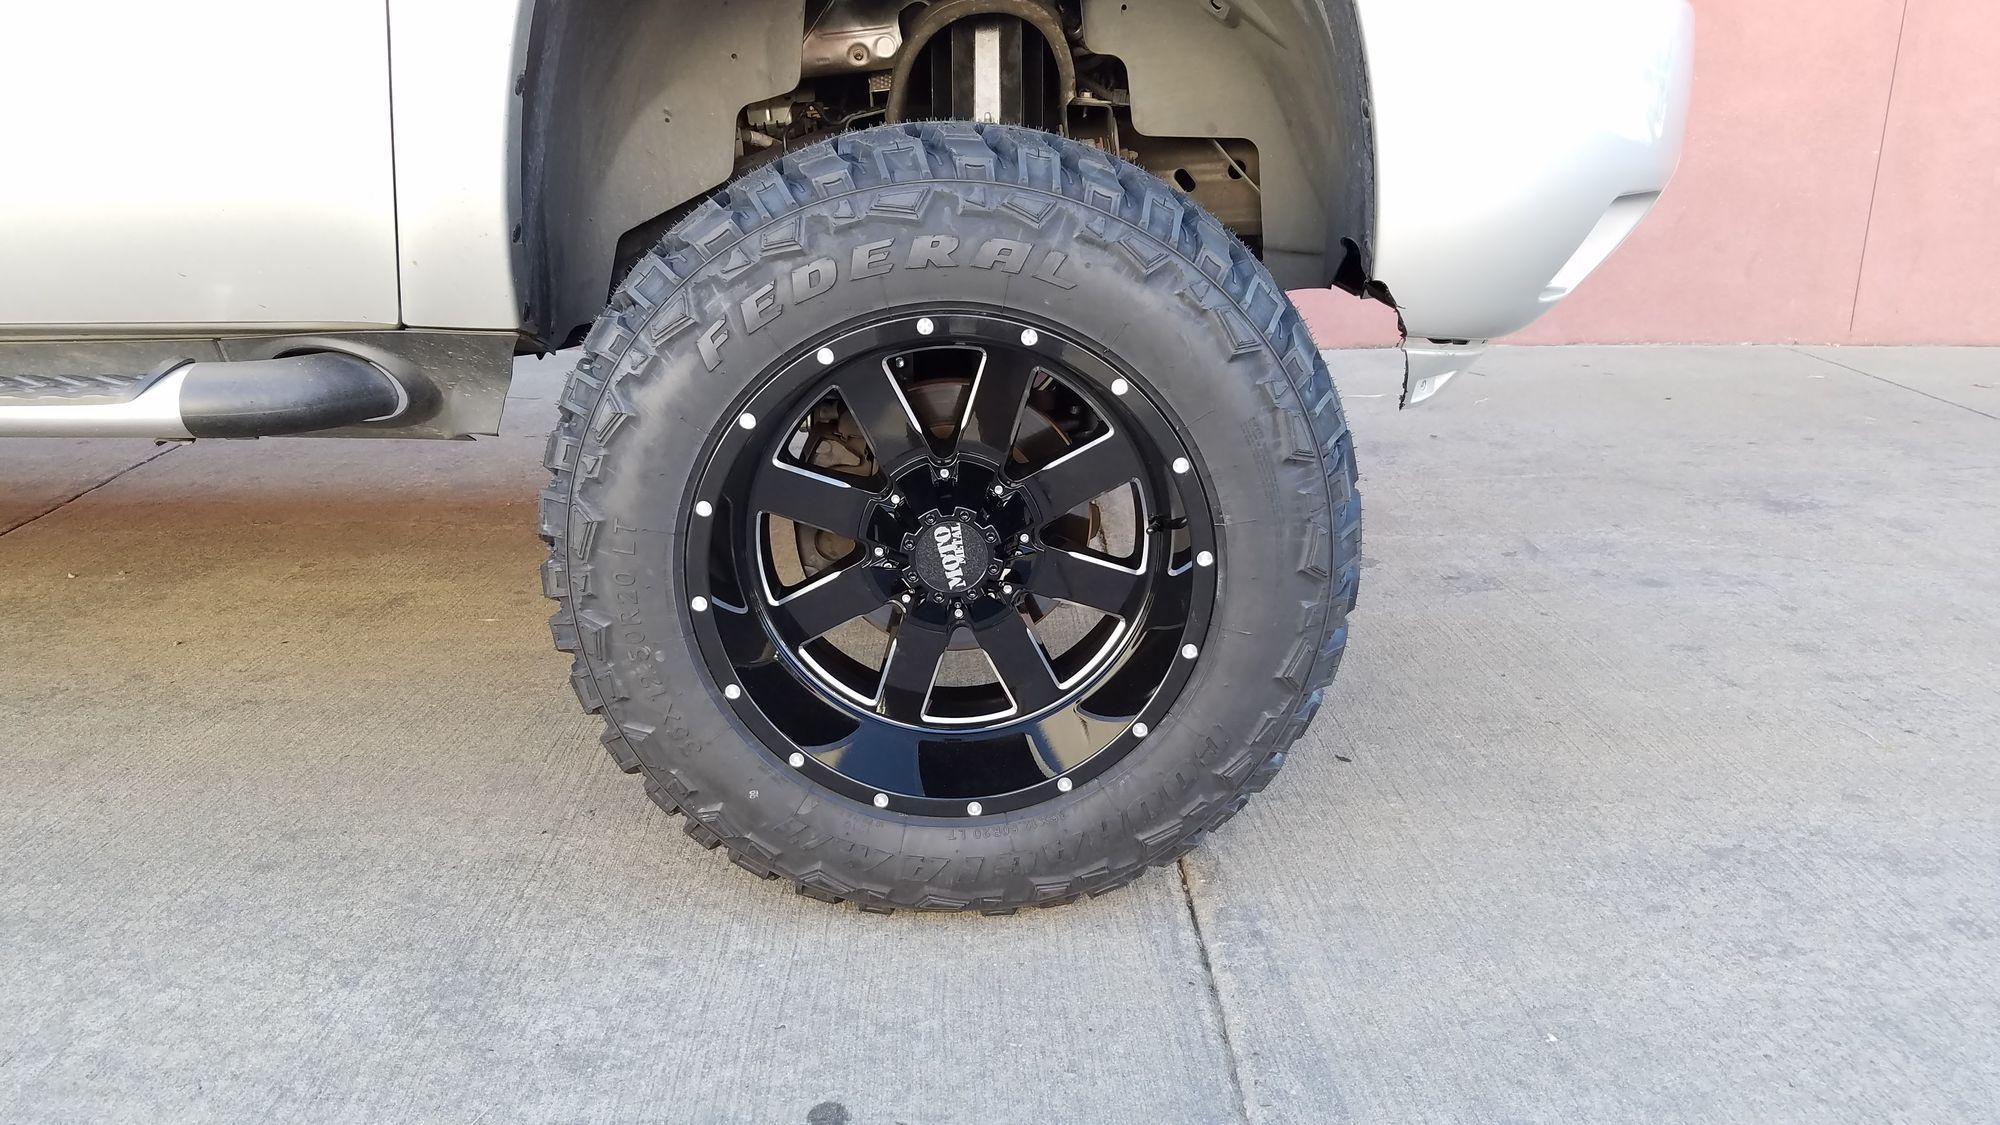 2011 Chevrolet Tahoe | 35